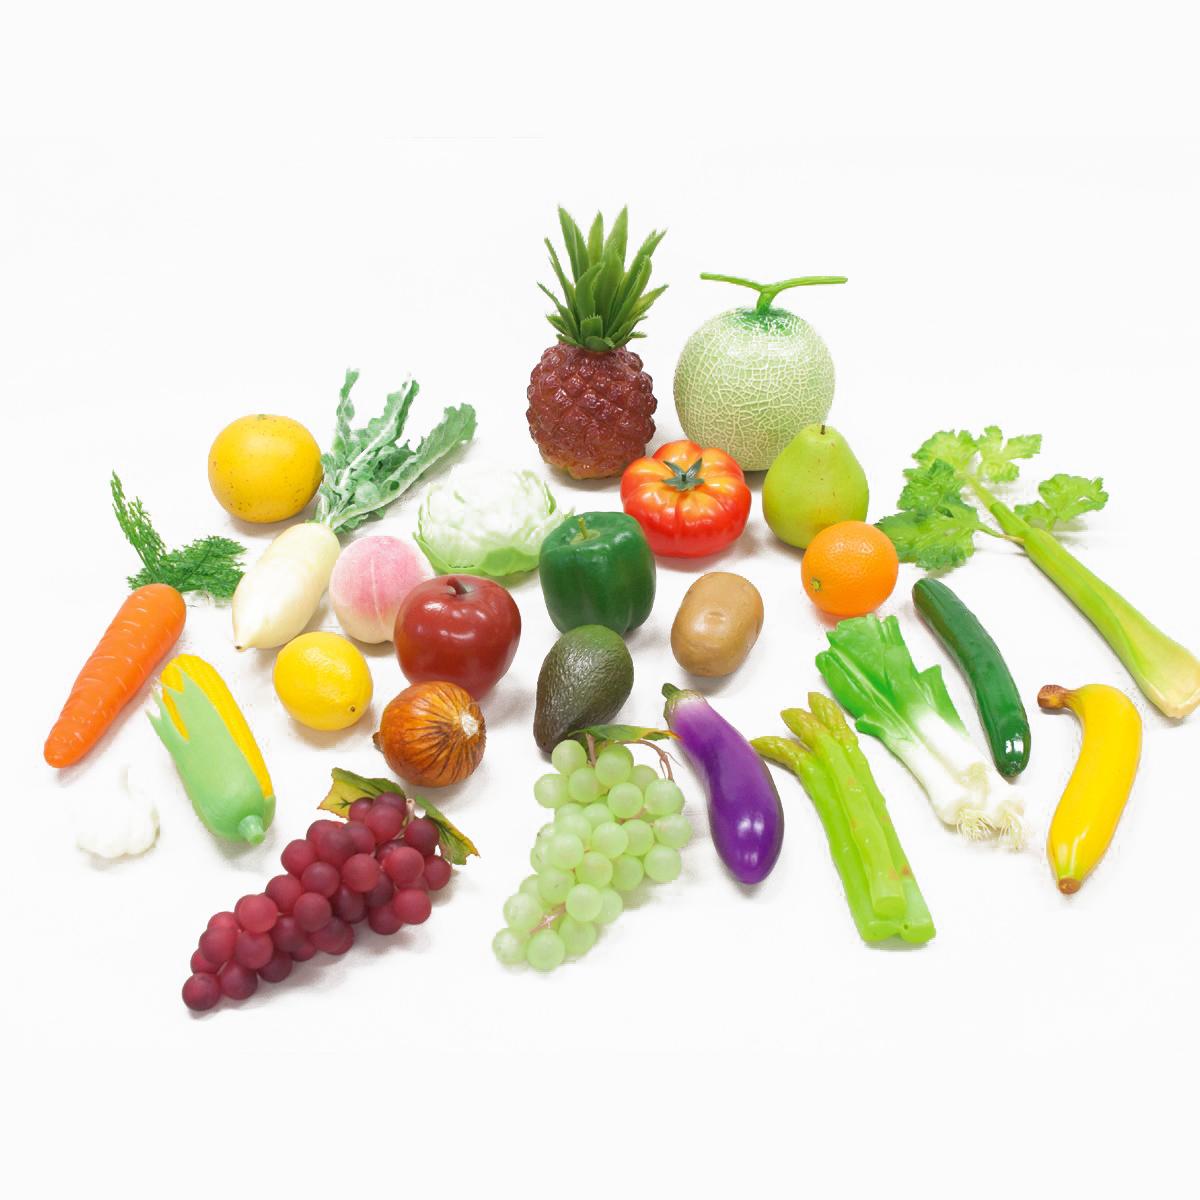 野菜モデル 26種セット 【 デッサン スケッチ 絵画 モデル 果物 野菜 】